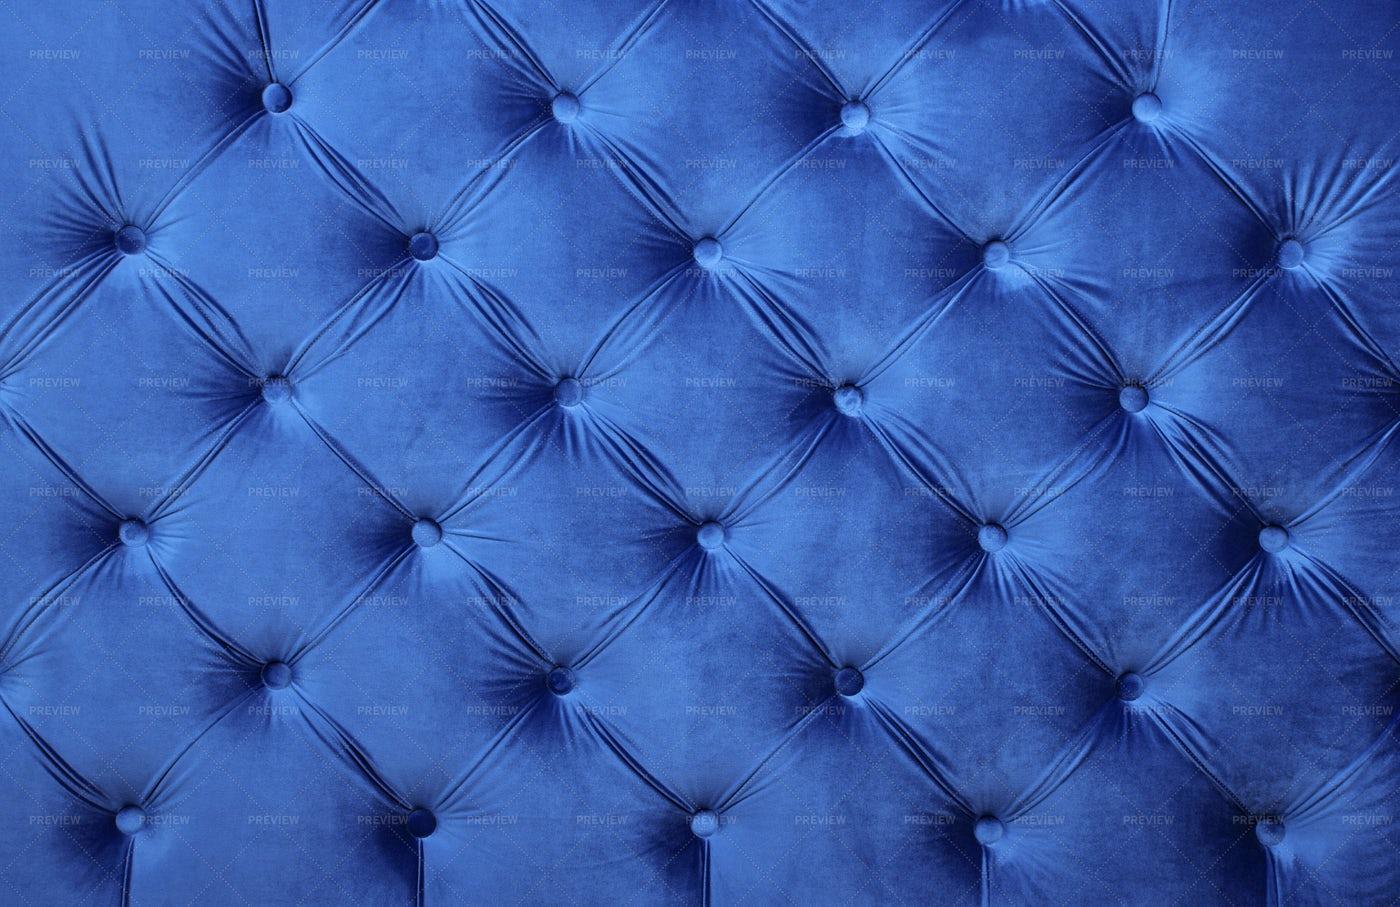 Blue Velvet Capitone Upholstery: Stock Photos